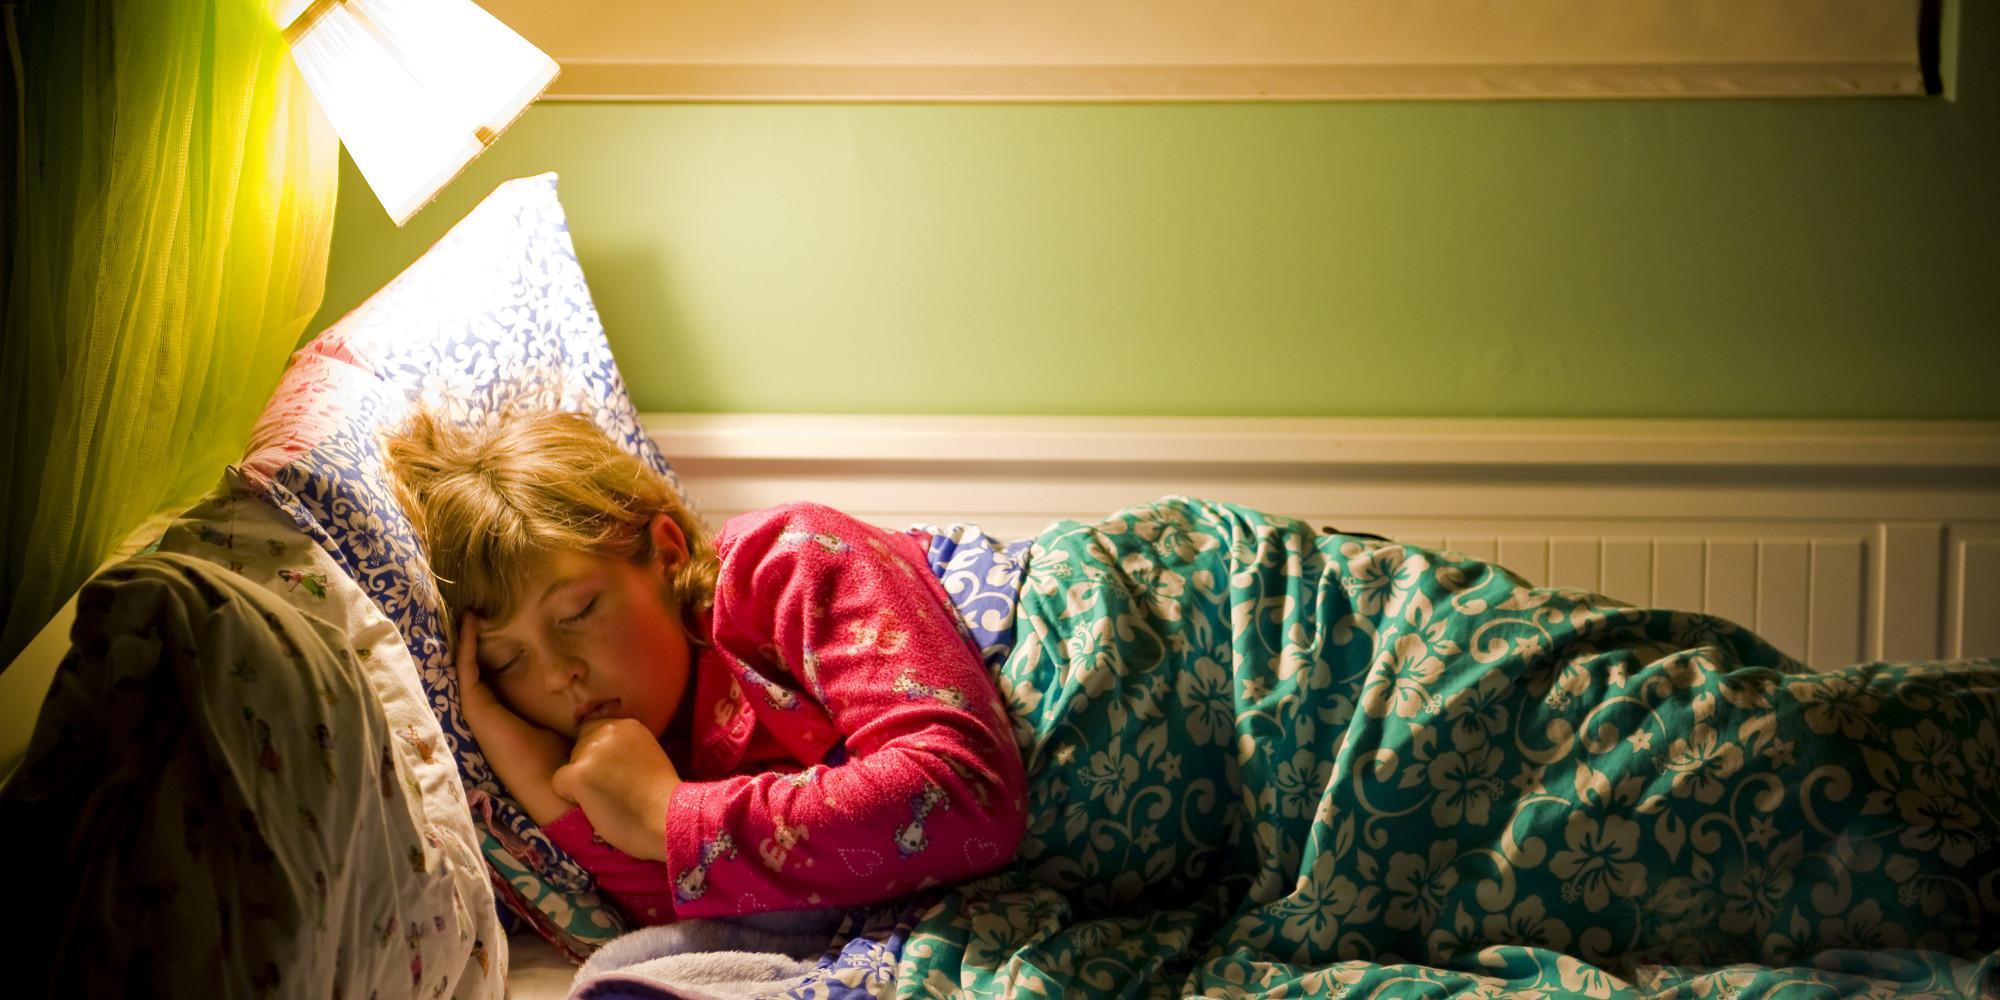 Dormir con la luz prendida aumenta de manera significativa la posibilidad de padecer aterosclerosis, una enfermedad cardíaca que puede ser mortal, reveló un estudio del Departamento de Epidemiología de la Facultad de Medicina de la Universidad de Nara, Japón.